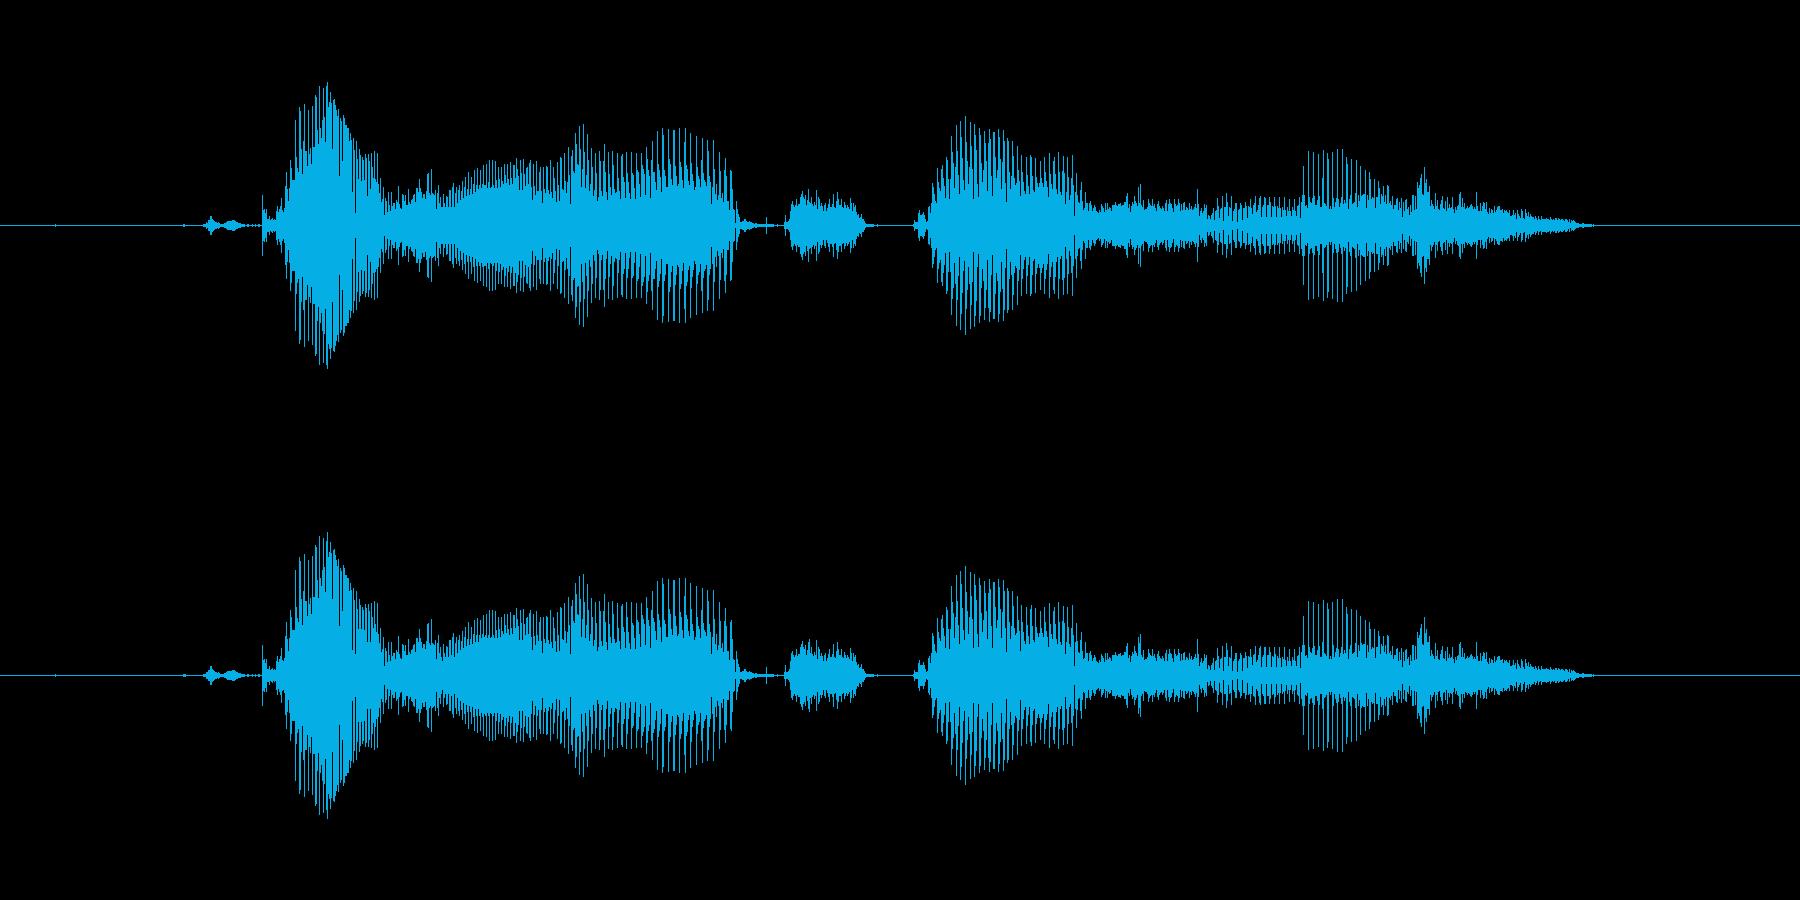 【時報・時間】5時をお伝えしますの再生済みの波形